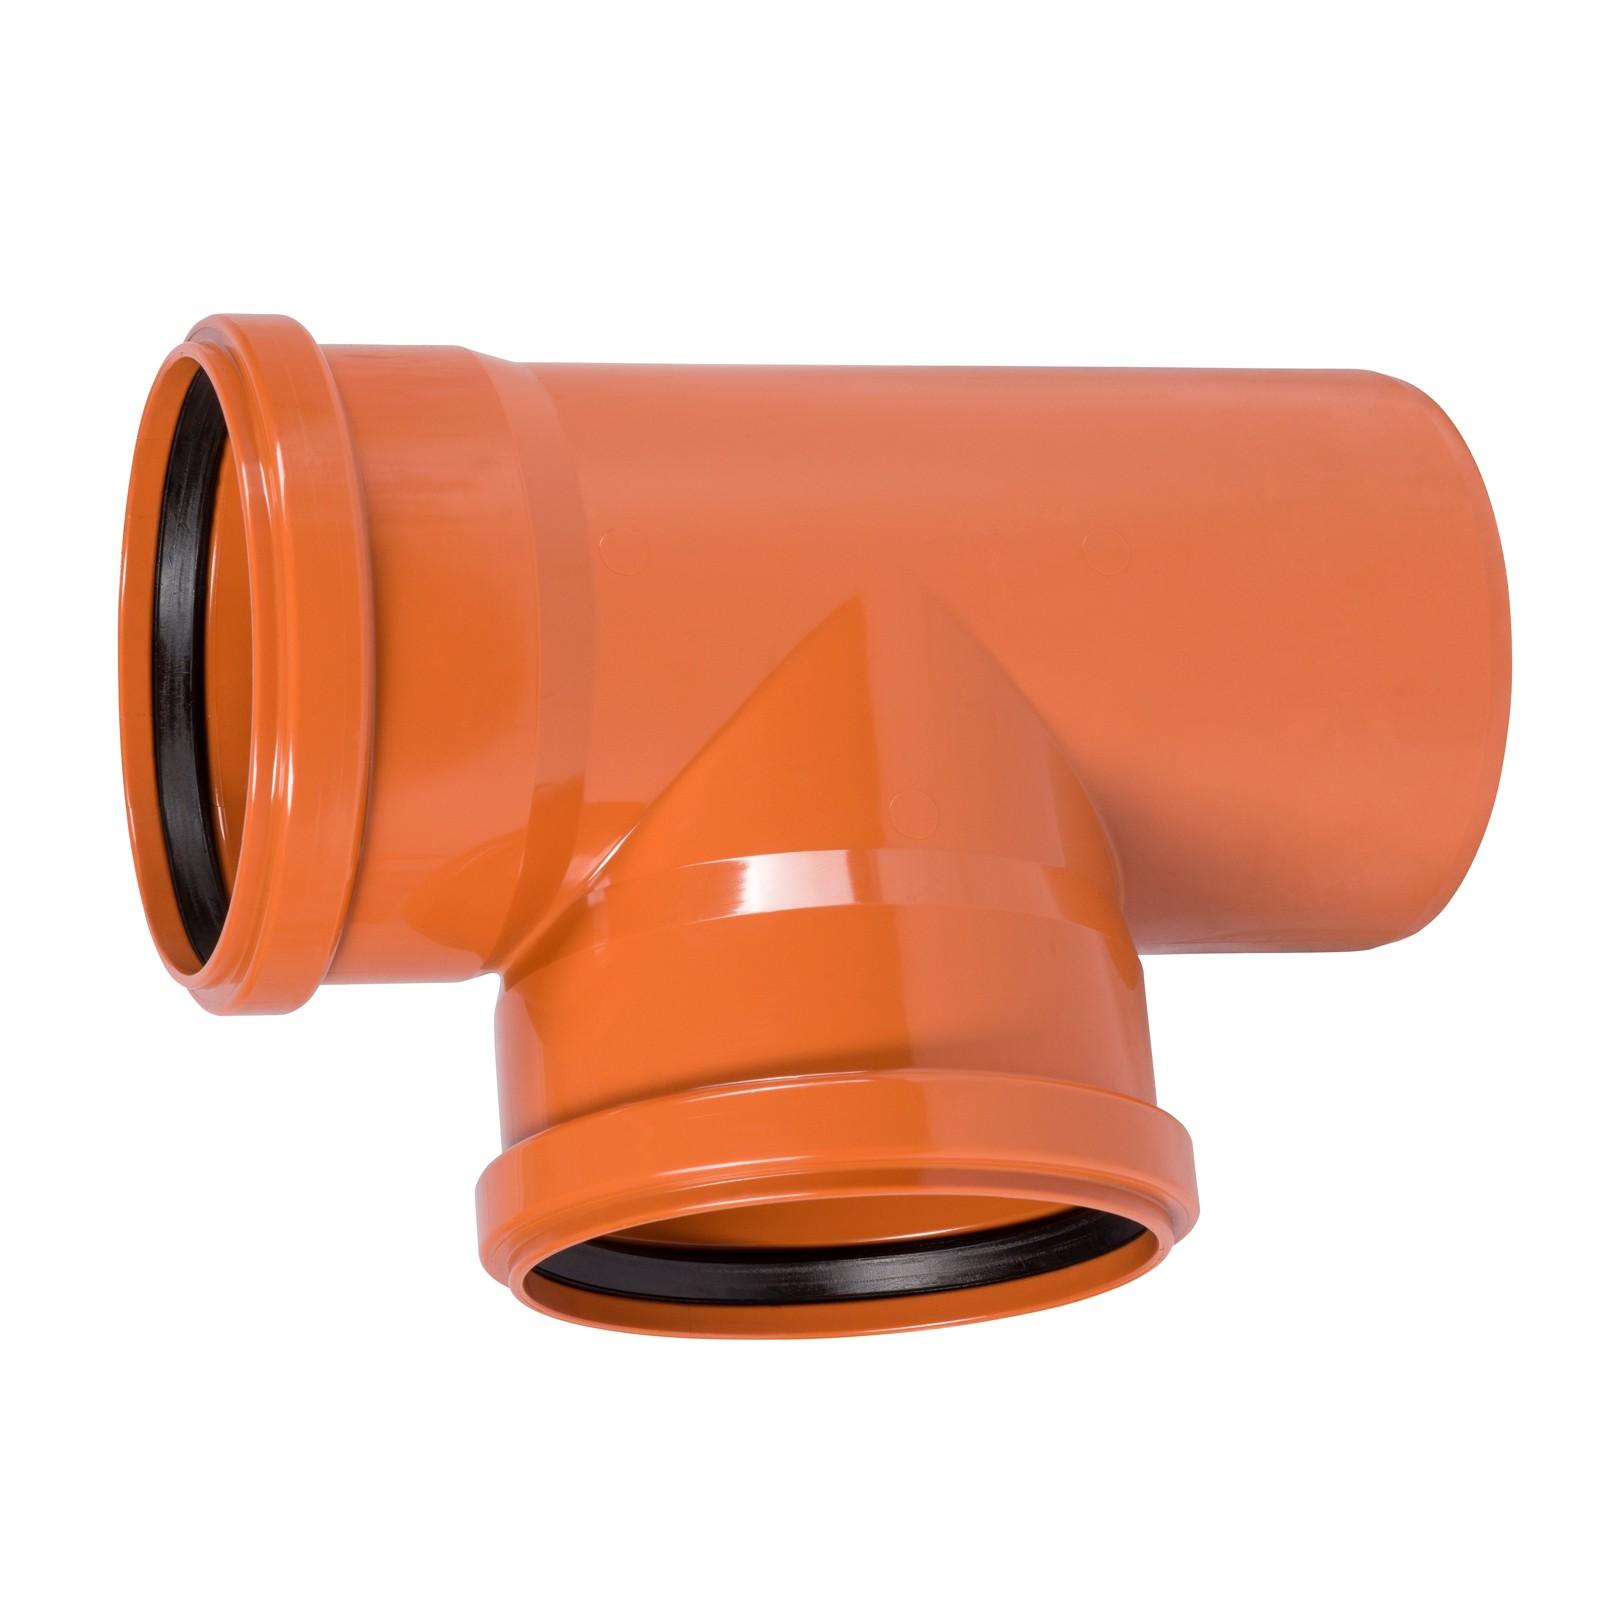 kg abzweig dn 200 125 87 abwasserrohr kanalrohr orange. Black Bedroom Furniture Sets. Home Design Ideas